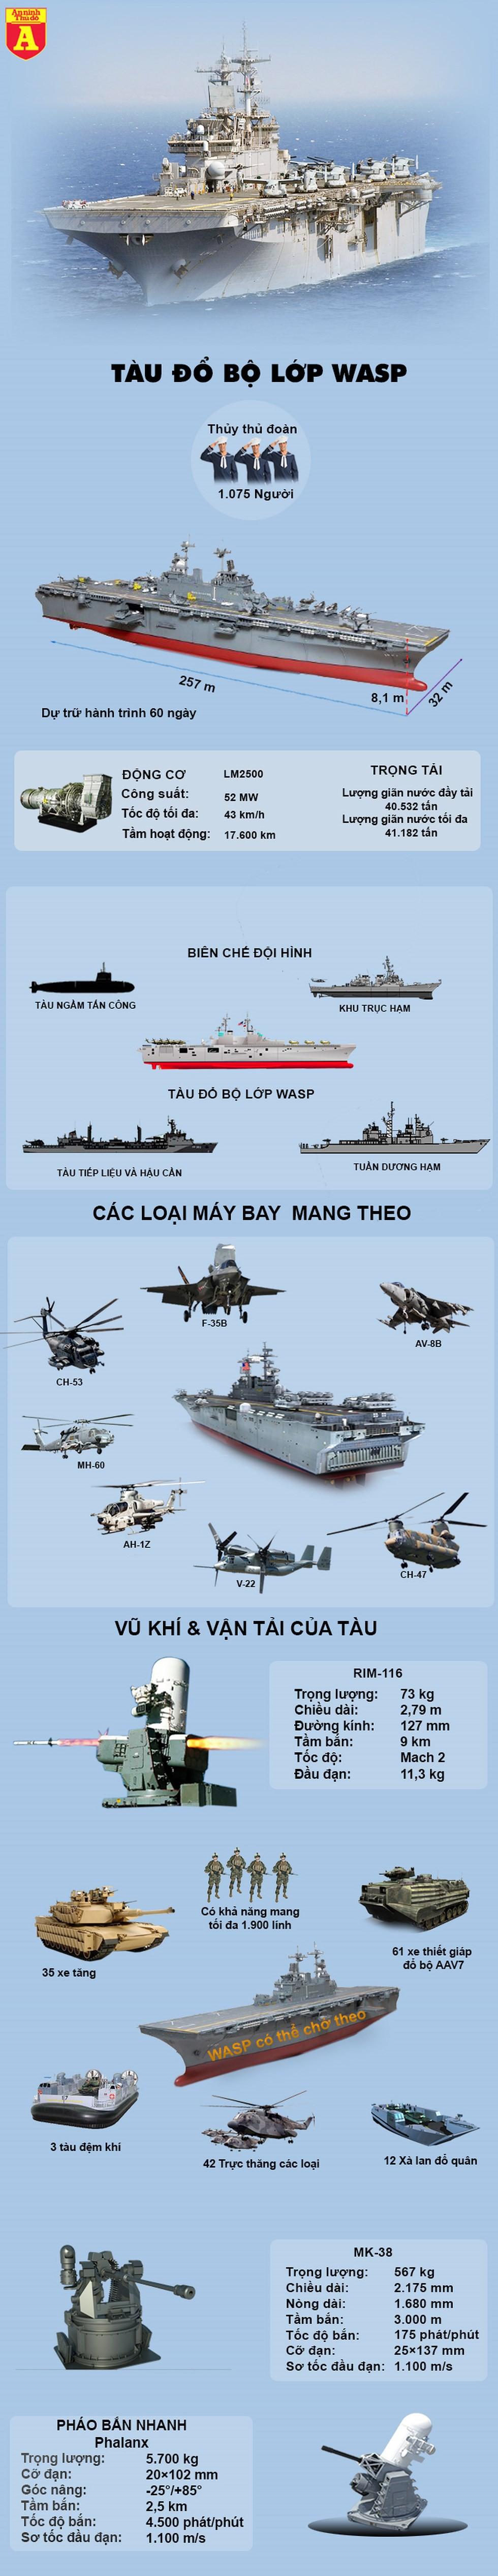 [Infographics] Siêu tàu đổ bộ Mỹ có nguy cơ tê liệt vì Covid-19 - Ảnh 1